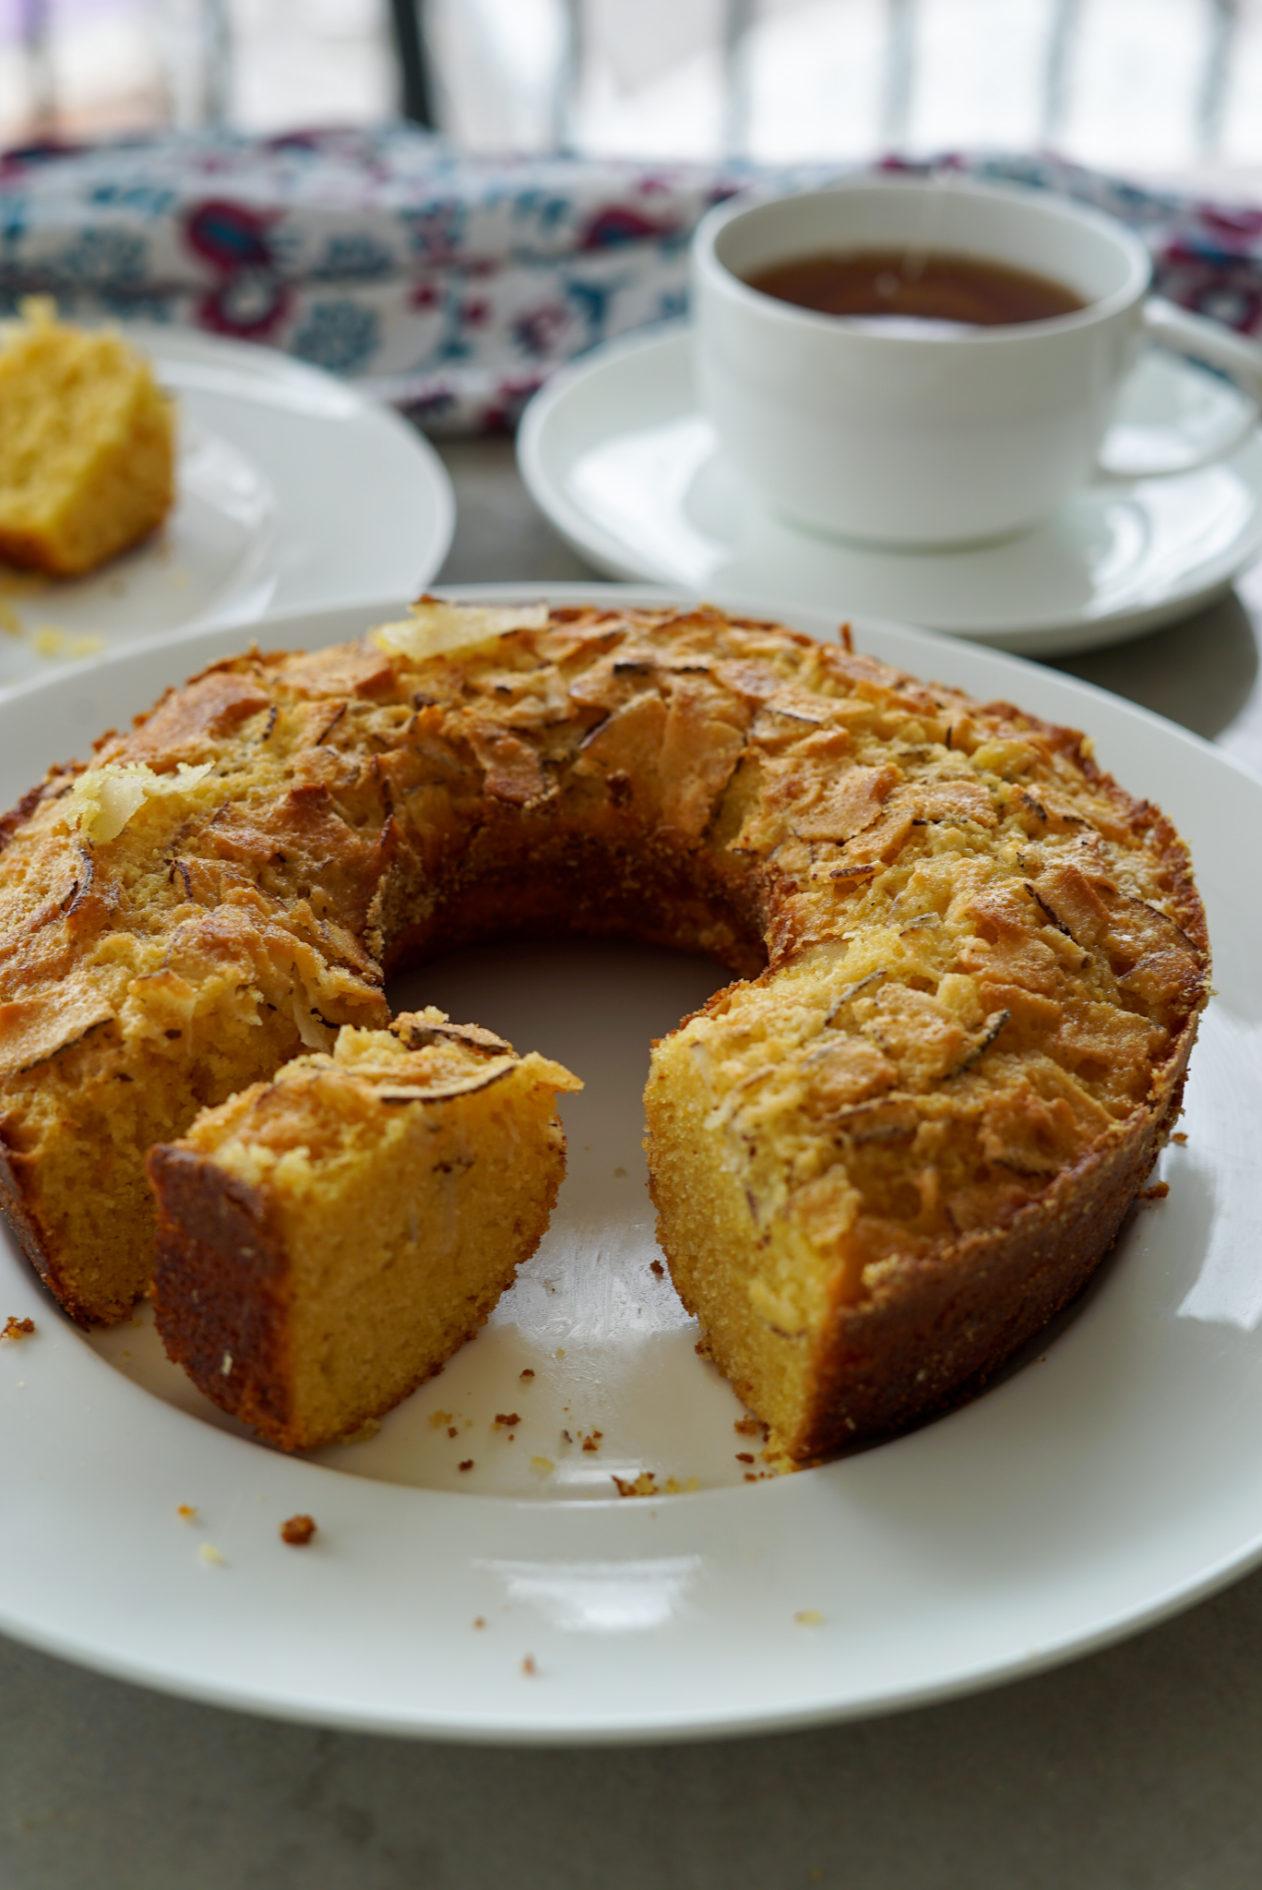 receita simples de bolo de fubá com leite de coco